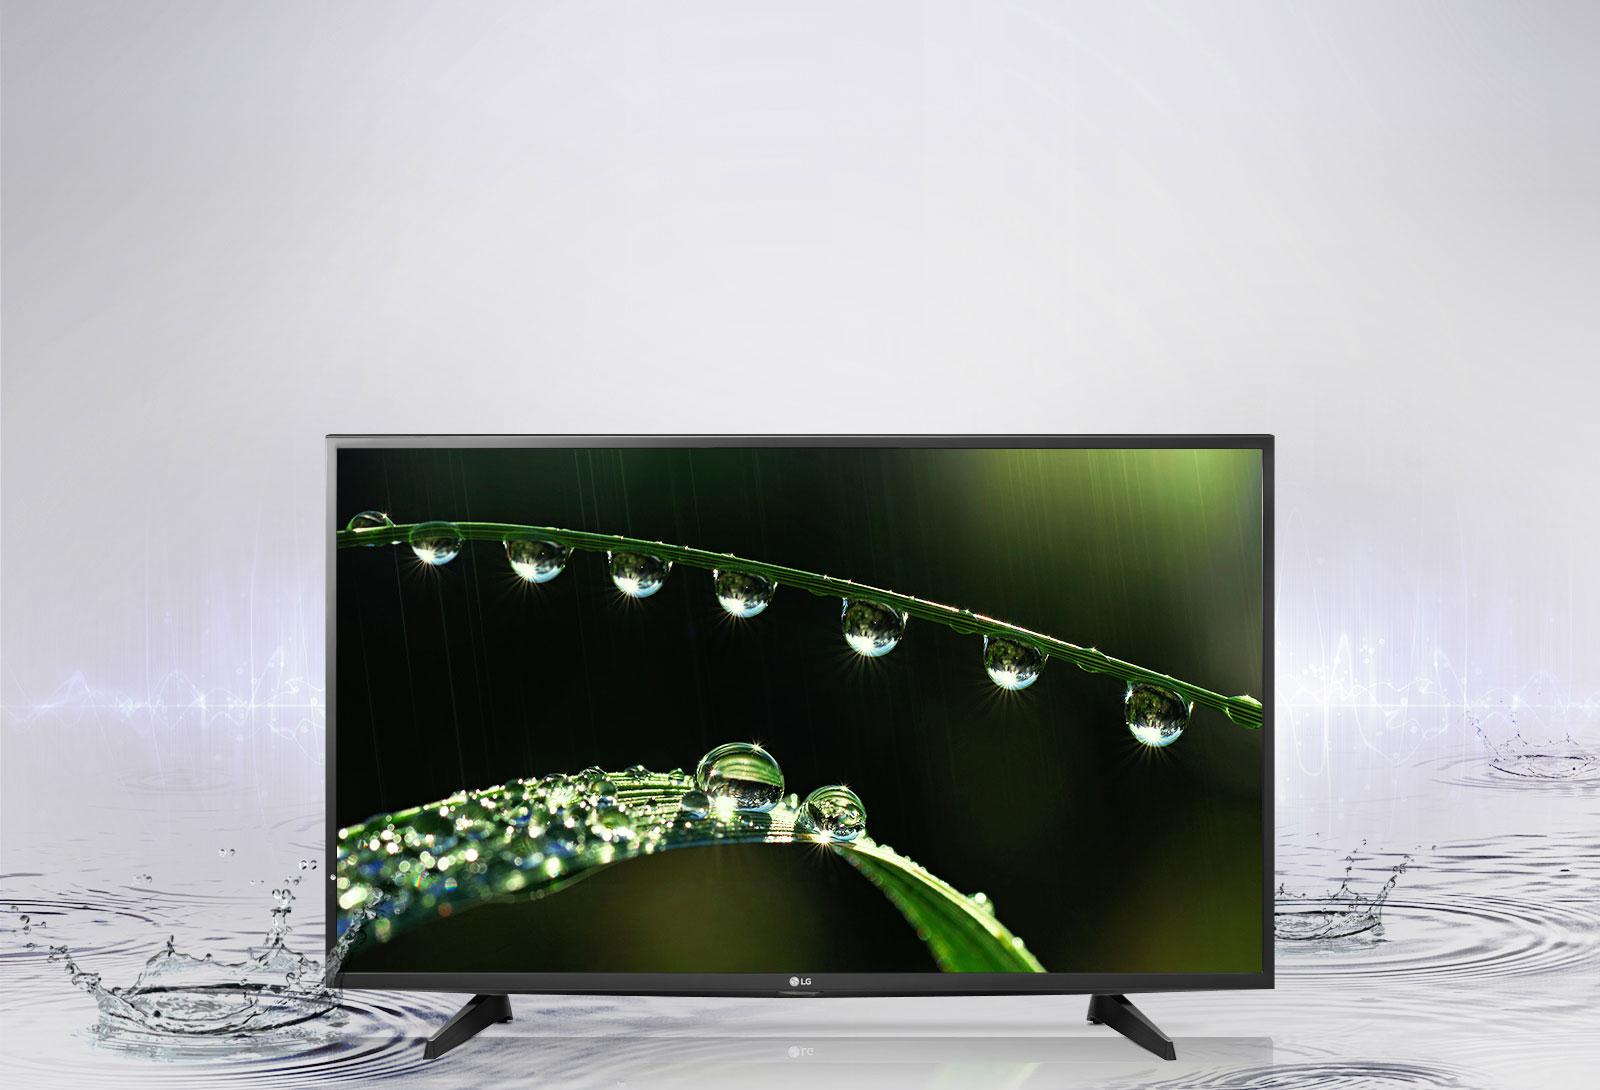 تلویزیون LG 43LJ512V